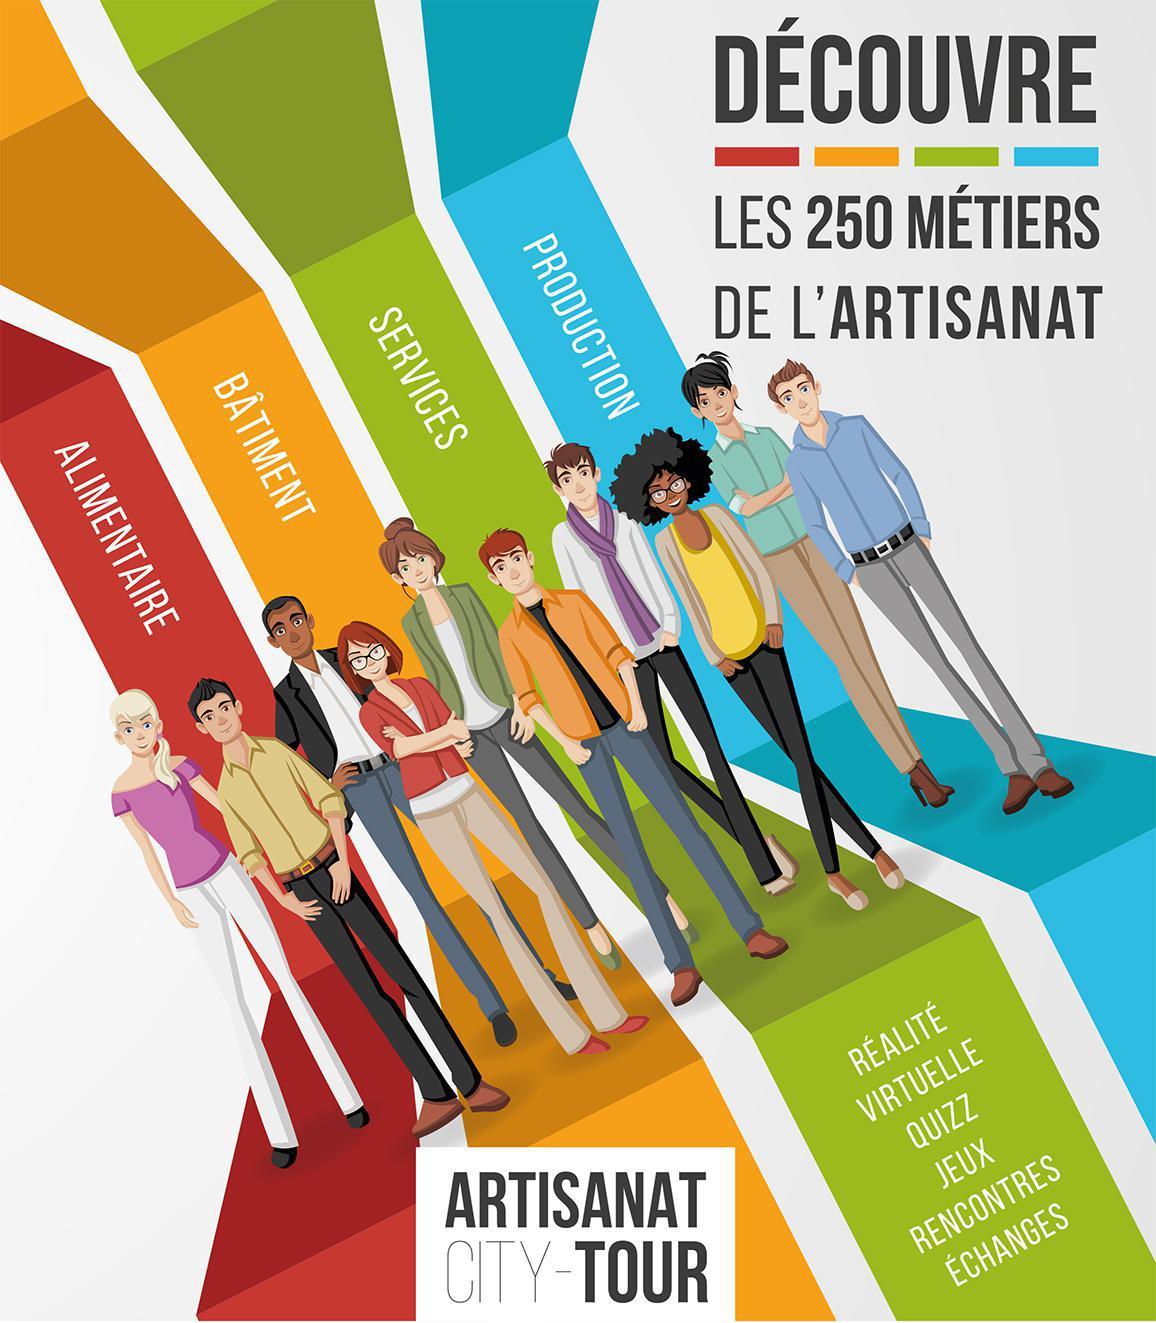 Artisanat city-tour : faire découvrir les 250 métiers de l'artisanat aux collégiens